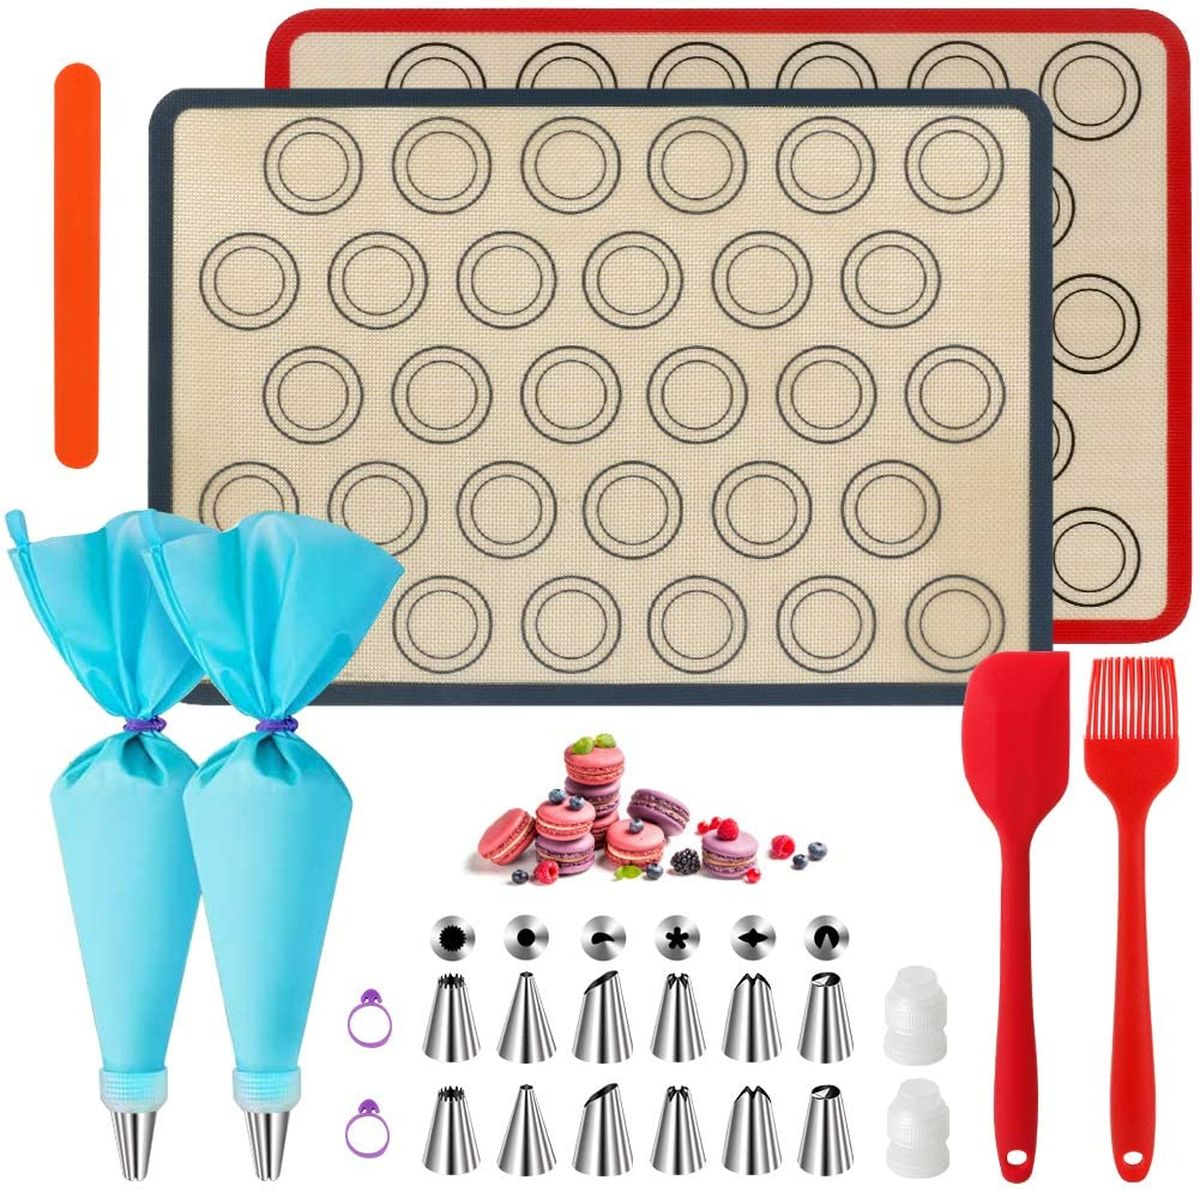 Le tapis de cuisson est une excellente alternative à du papier sulfurisé ou d'autres supports de cuisson. Découvrez comment choisir le vôtre.